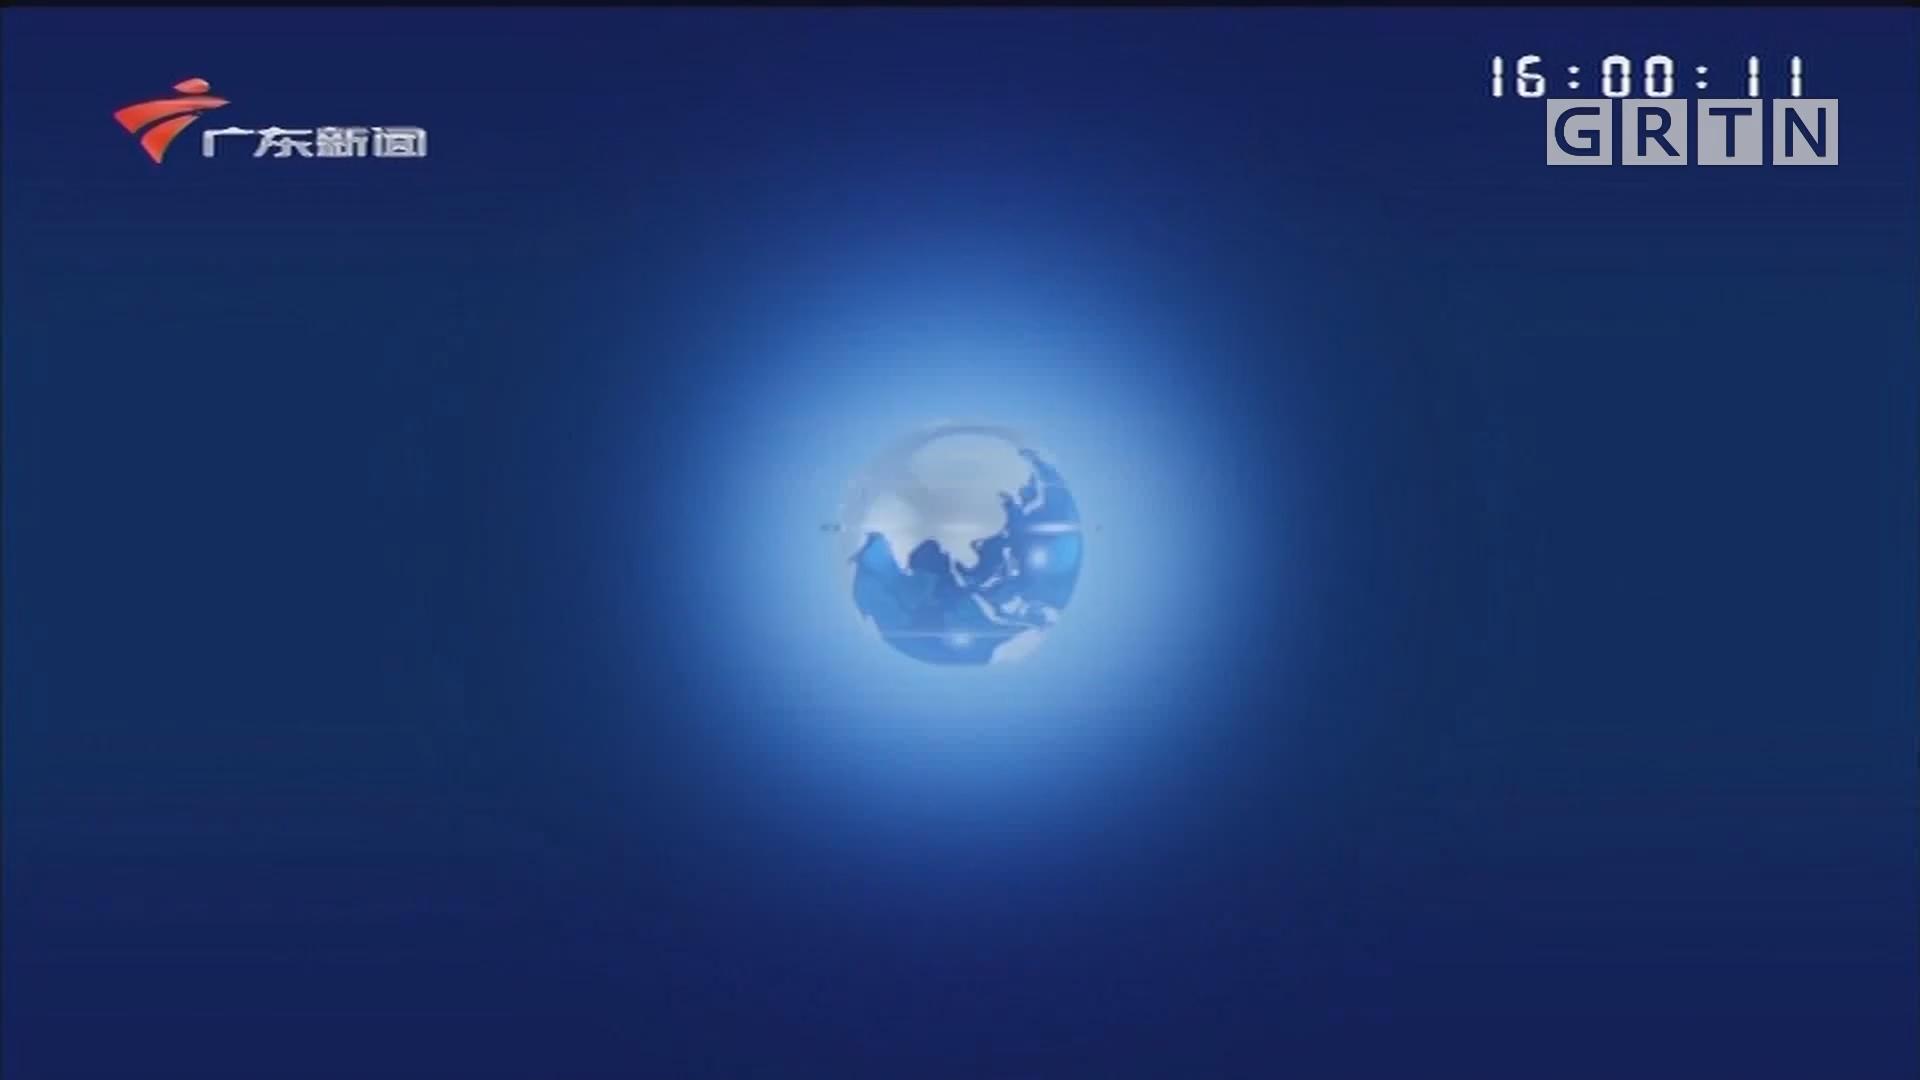 [HD][2020-01-28-16:00]正点播报:武汉 火神山医院首座板房吊装已完成